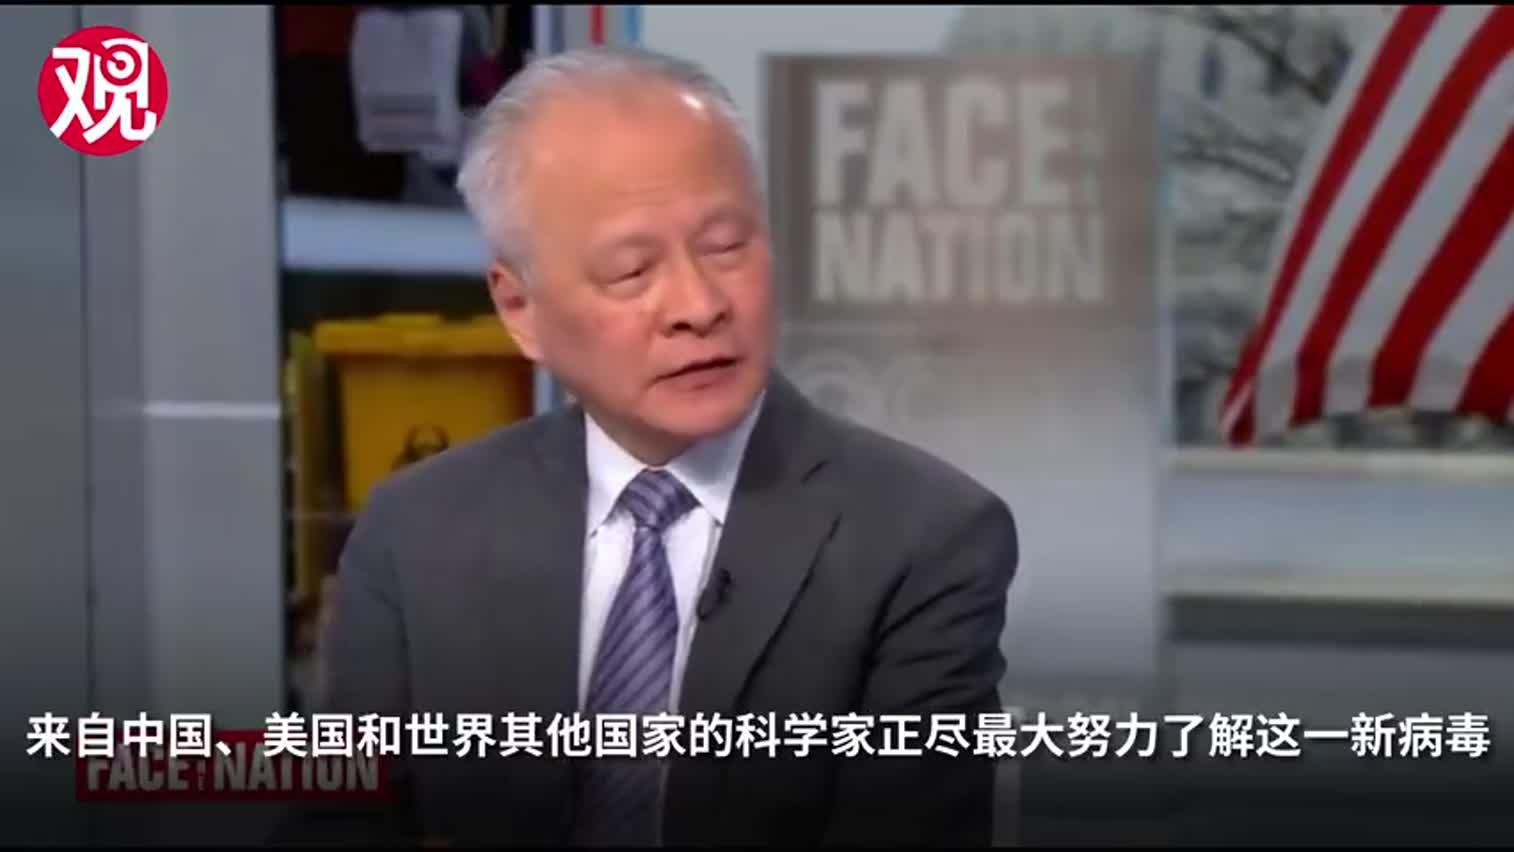 视频-美参议员竟称新冠病毒为中国生物战计划 崔天